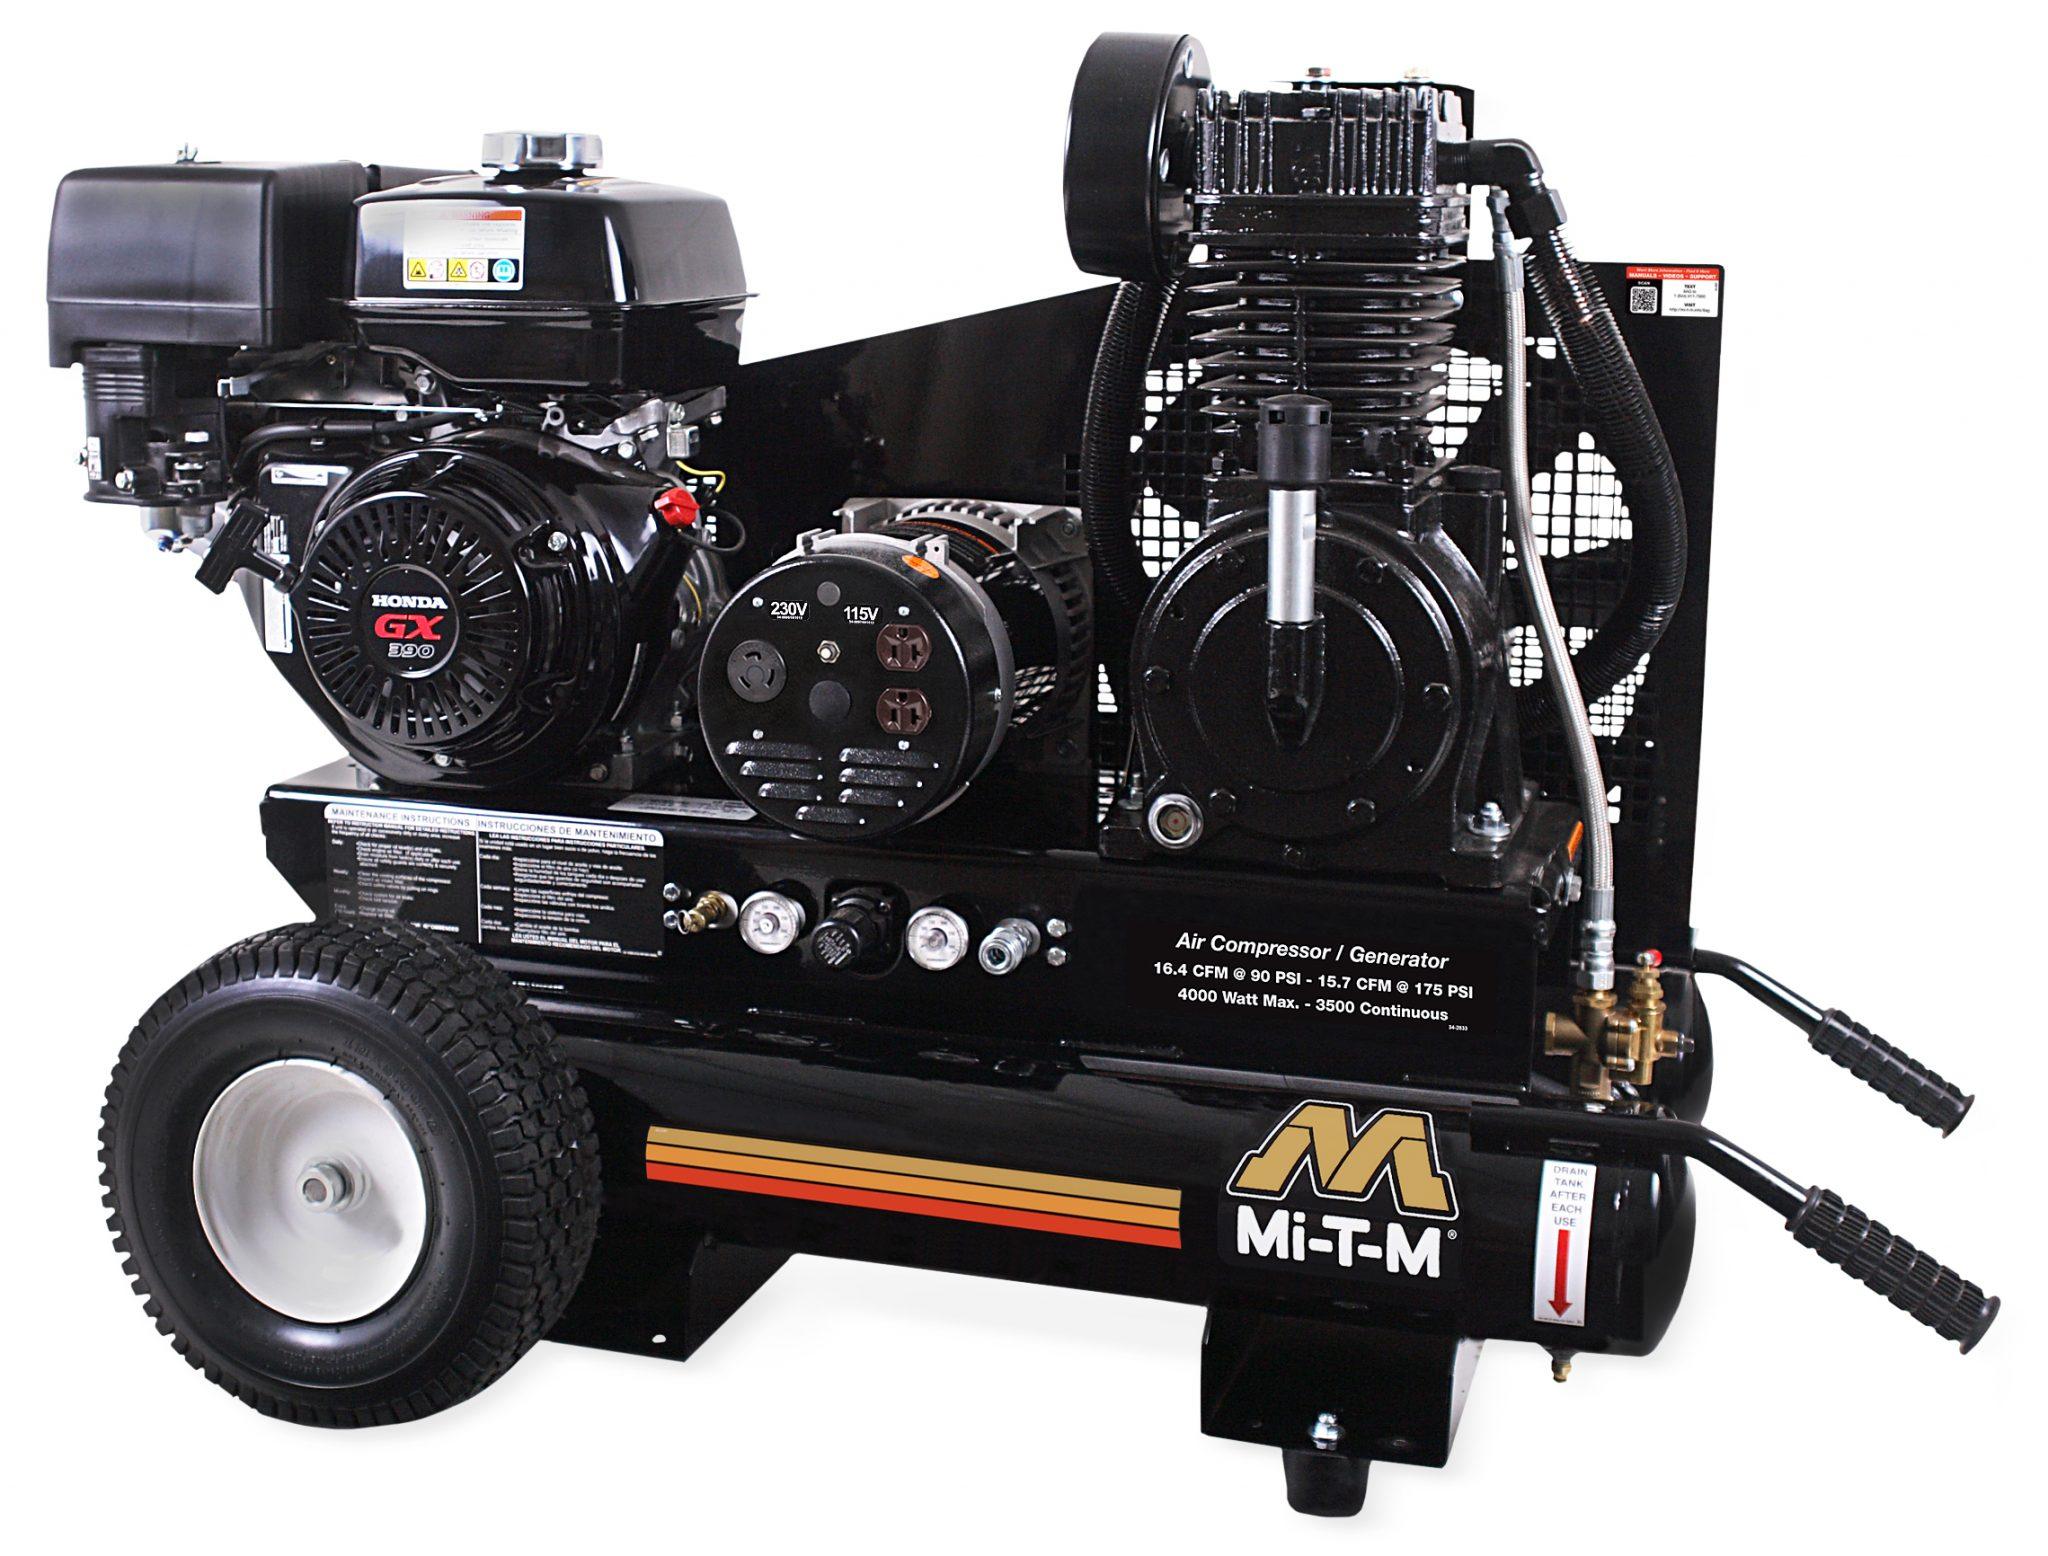 Compresseur-générateur (Essence / 175PSI / 15.7CFM) - MIT-AG2-PH13-08M1 Image